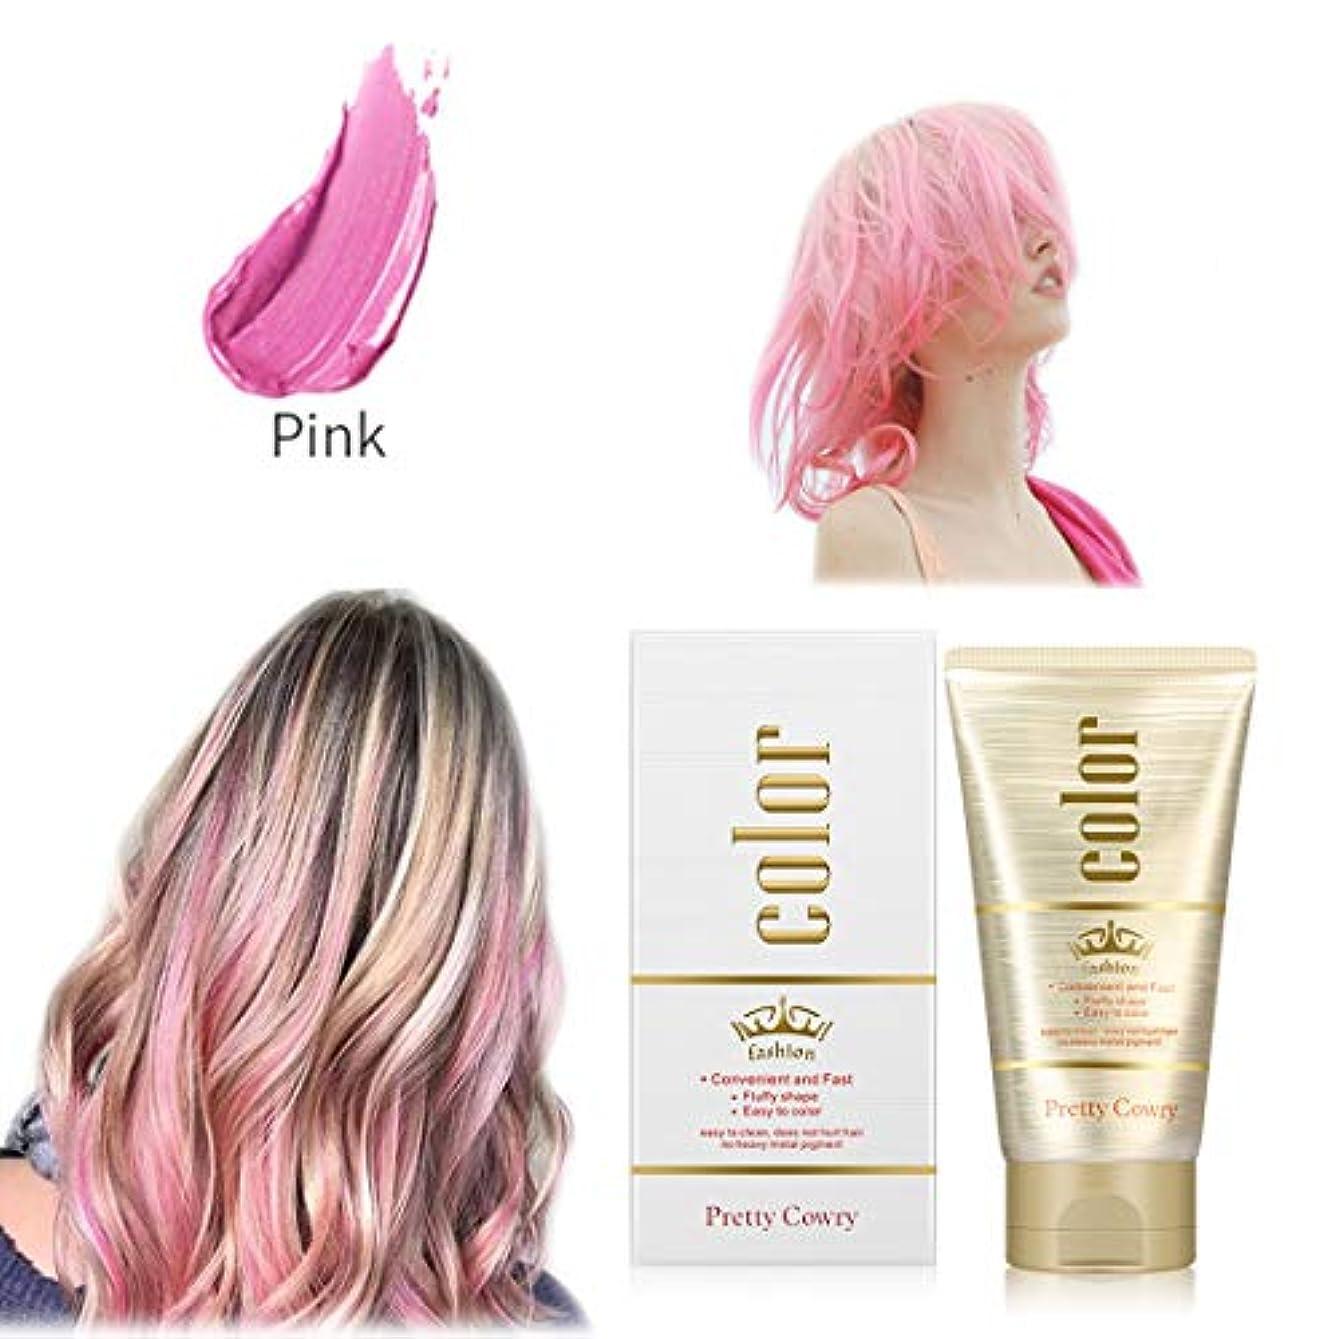 がんばり続ける怒って巨大染めヘアワックス、ワンタイムカラースタイリング、スタイリングカラーヘアワックス、ユニセックス9色、diyヘアカラーヘアパーティー、ロールプレイング (Pink)